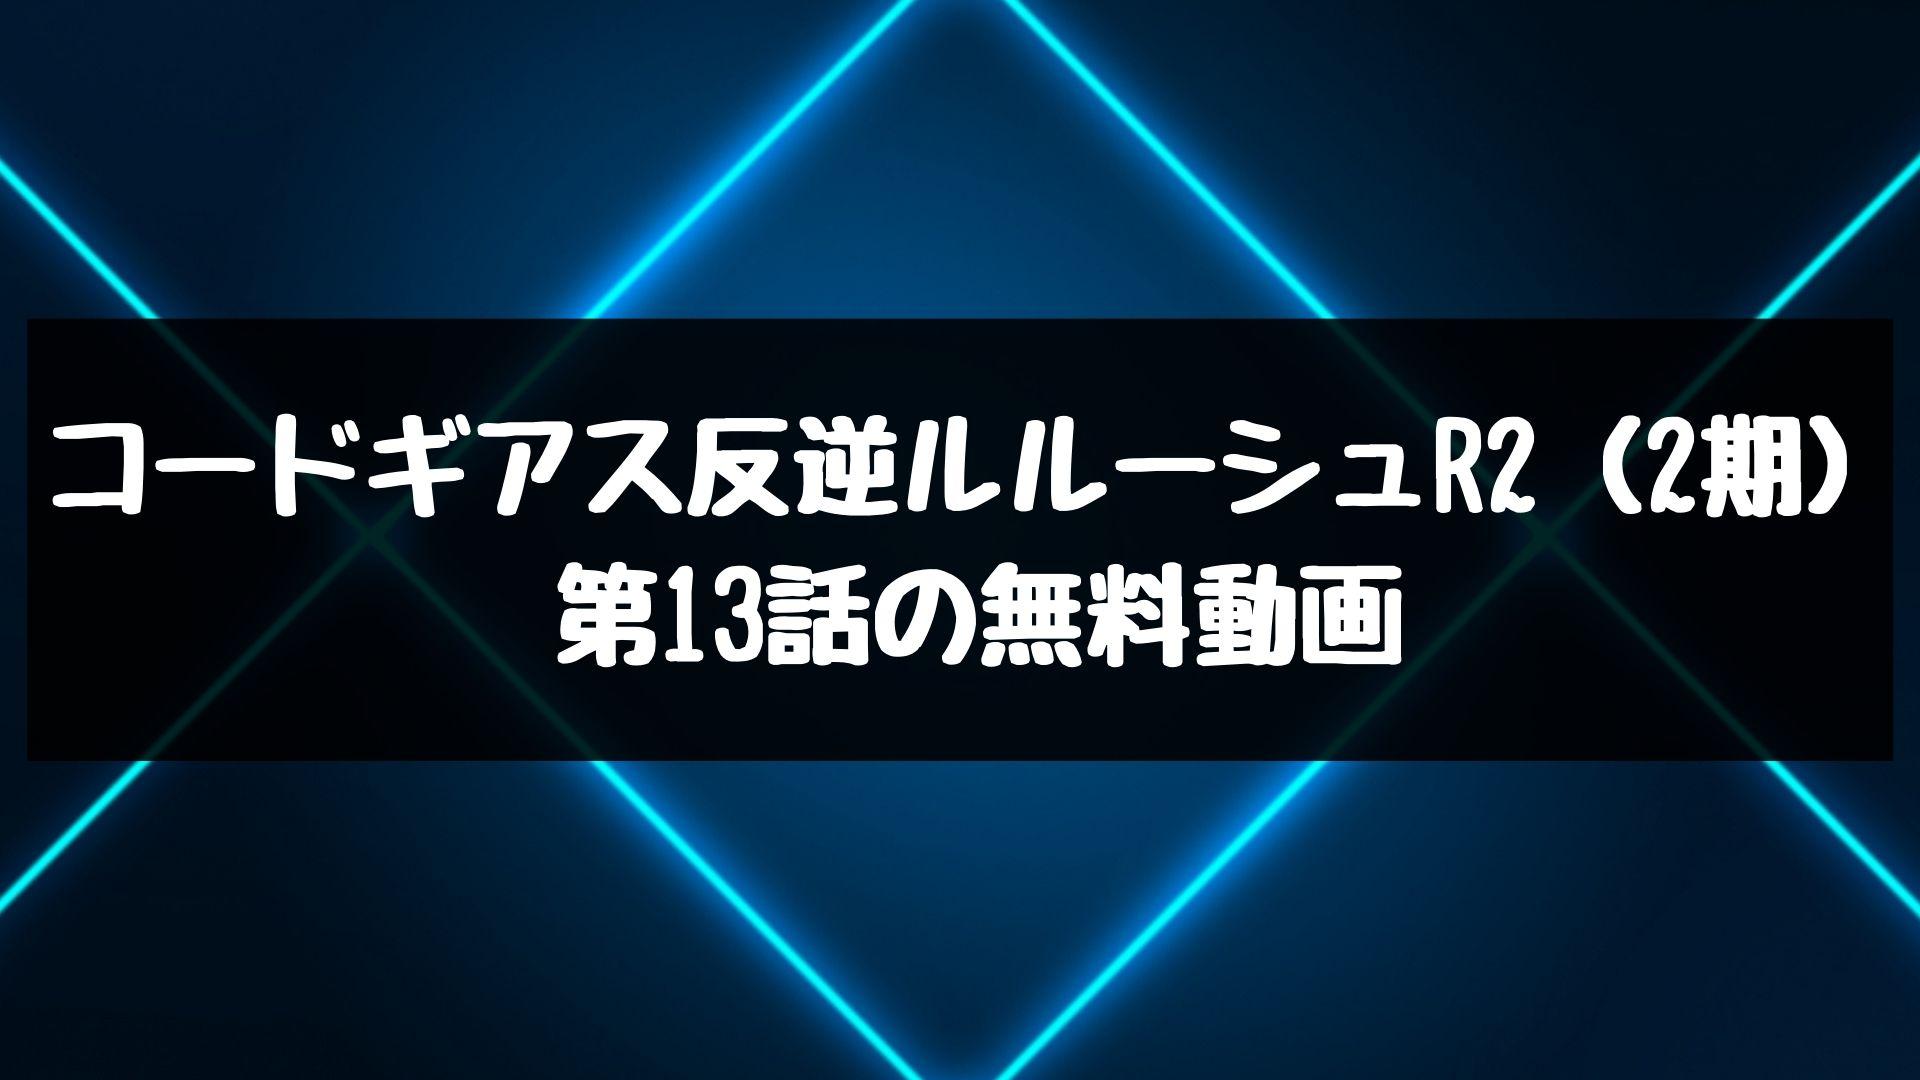 コードギアス反逆ルルーシュR2(2期) 第13話の無料動画